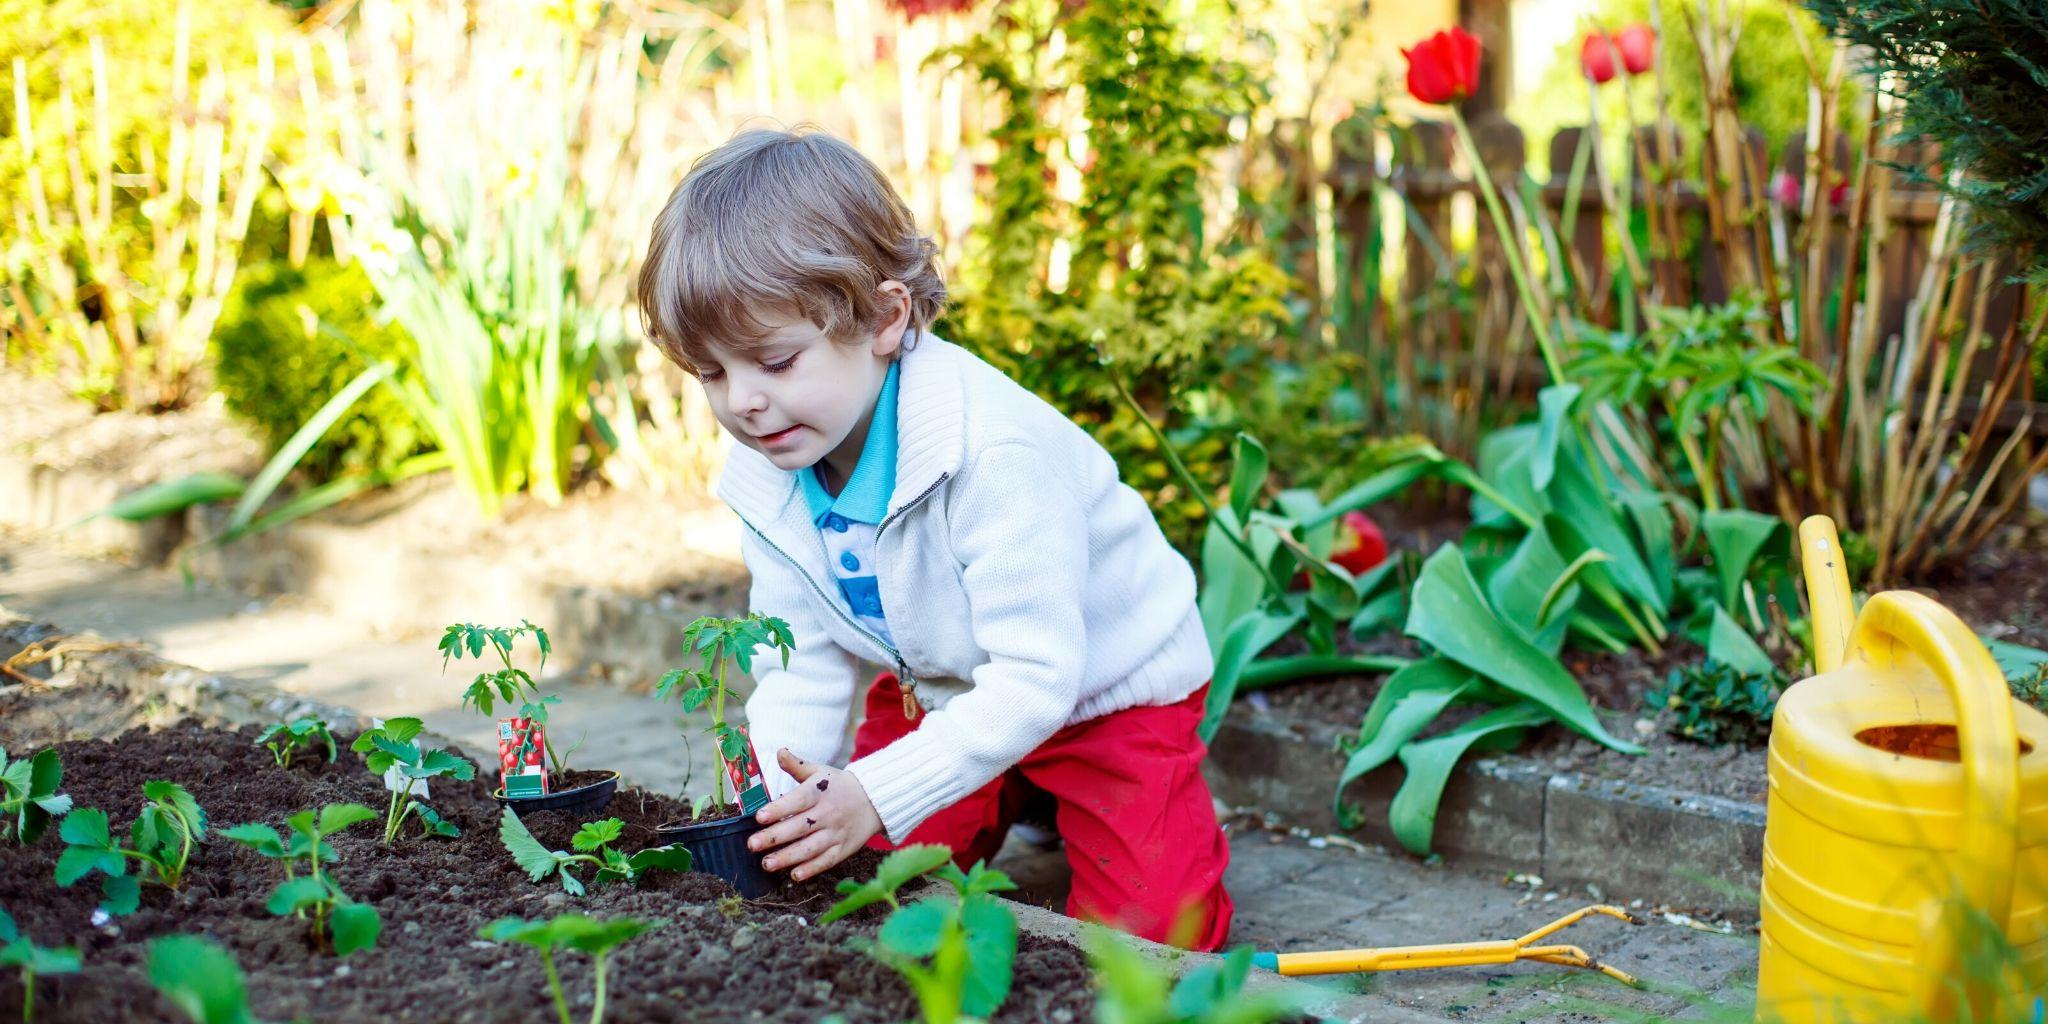 Eksperyment z roślinką dla dzieci